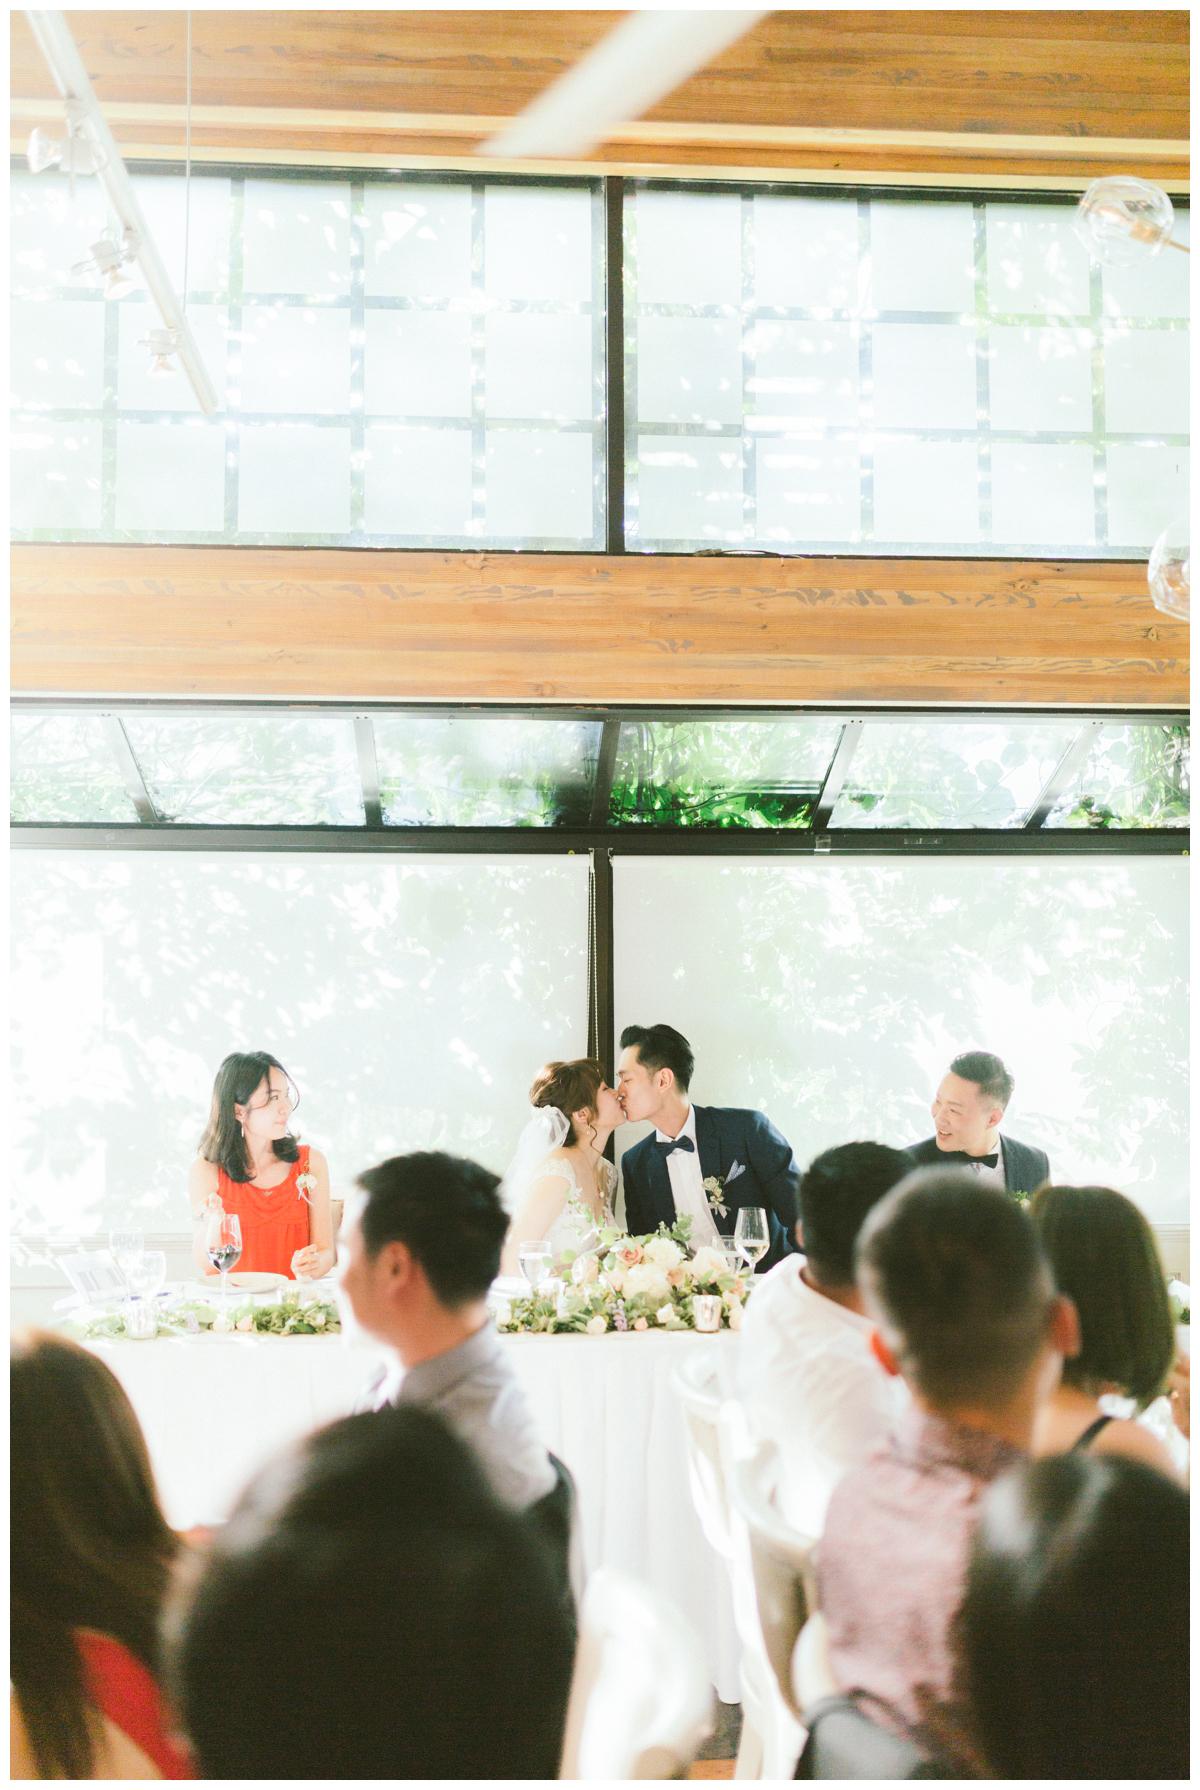 Mattie C. Hong Kong Vancouver Fine Art Wedding Prewedding Photographer 64.jpg